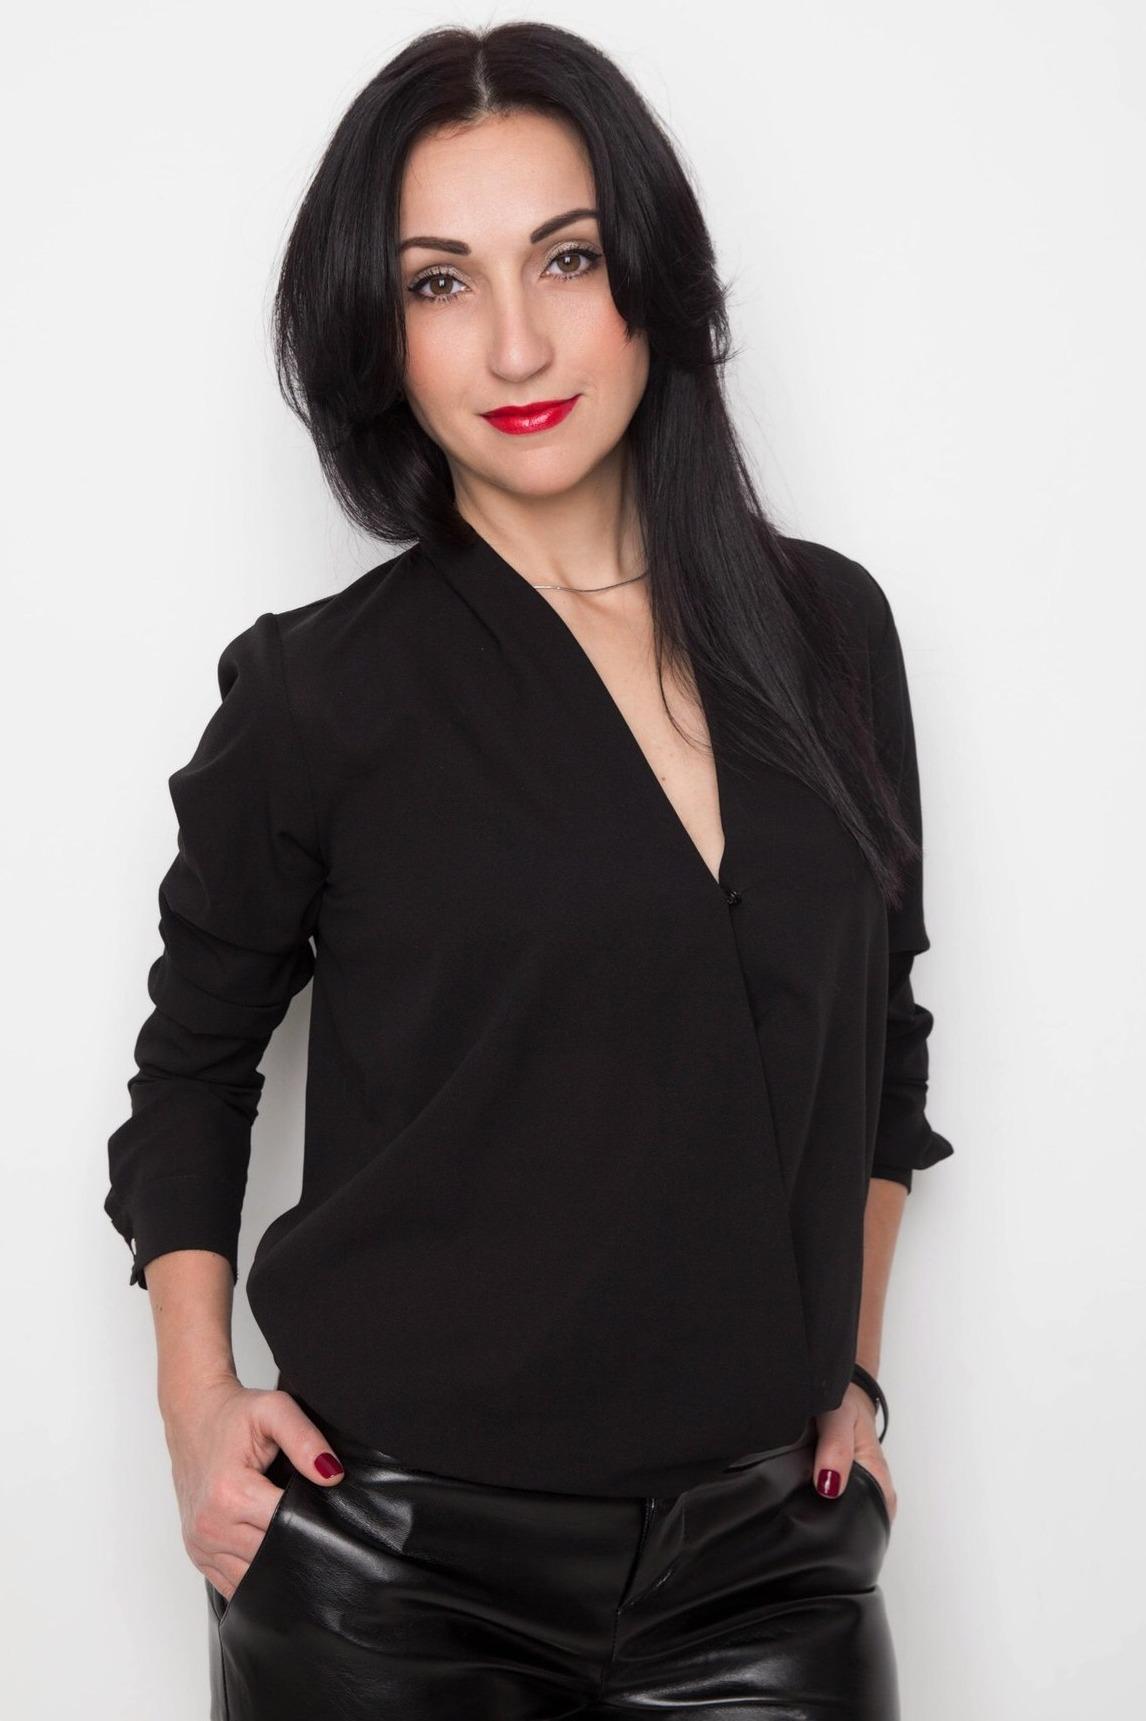 Agence matrimoniale rencontre de Elena  femme célibataire de 43 ans, Viry-Châtillon.